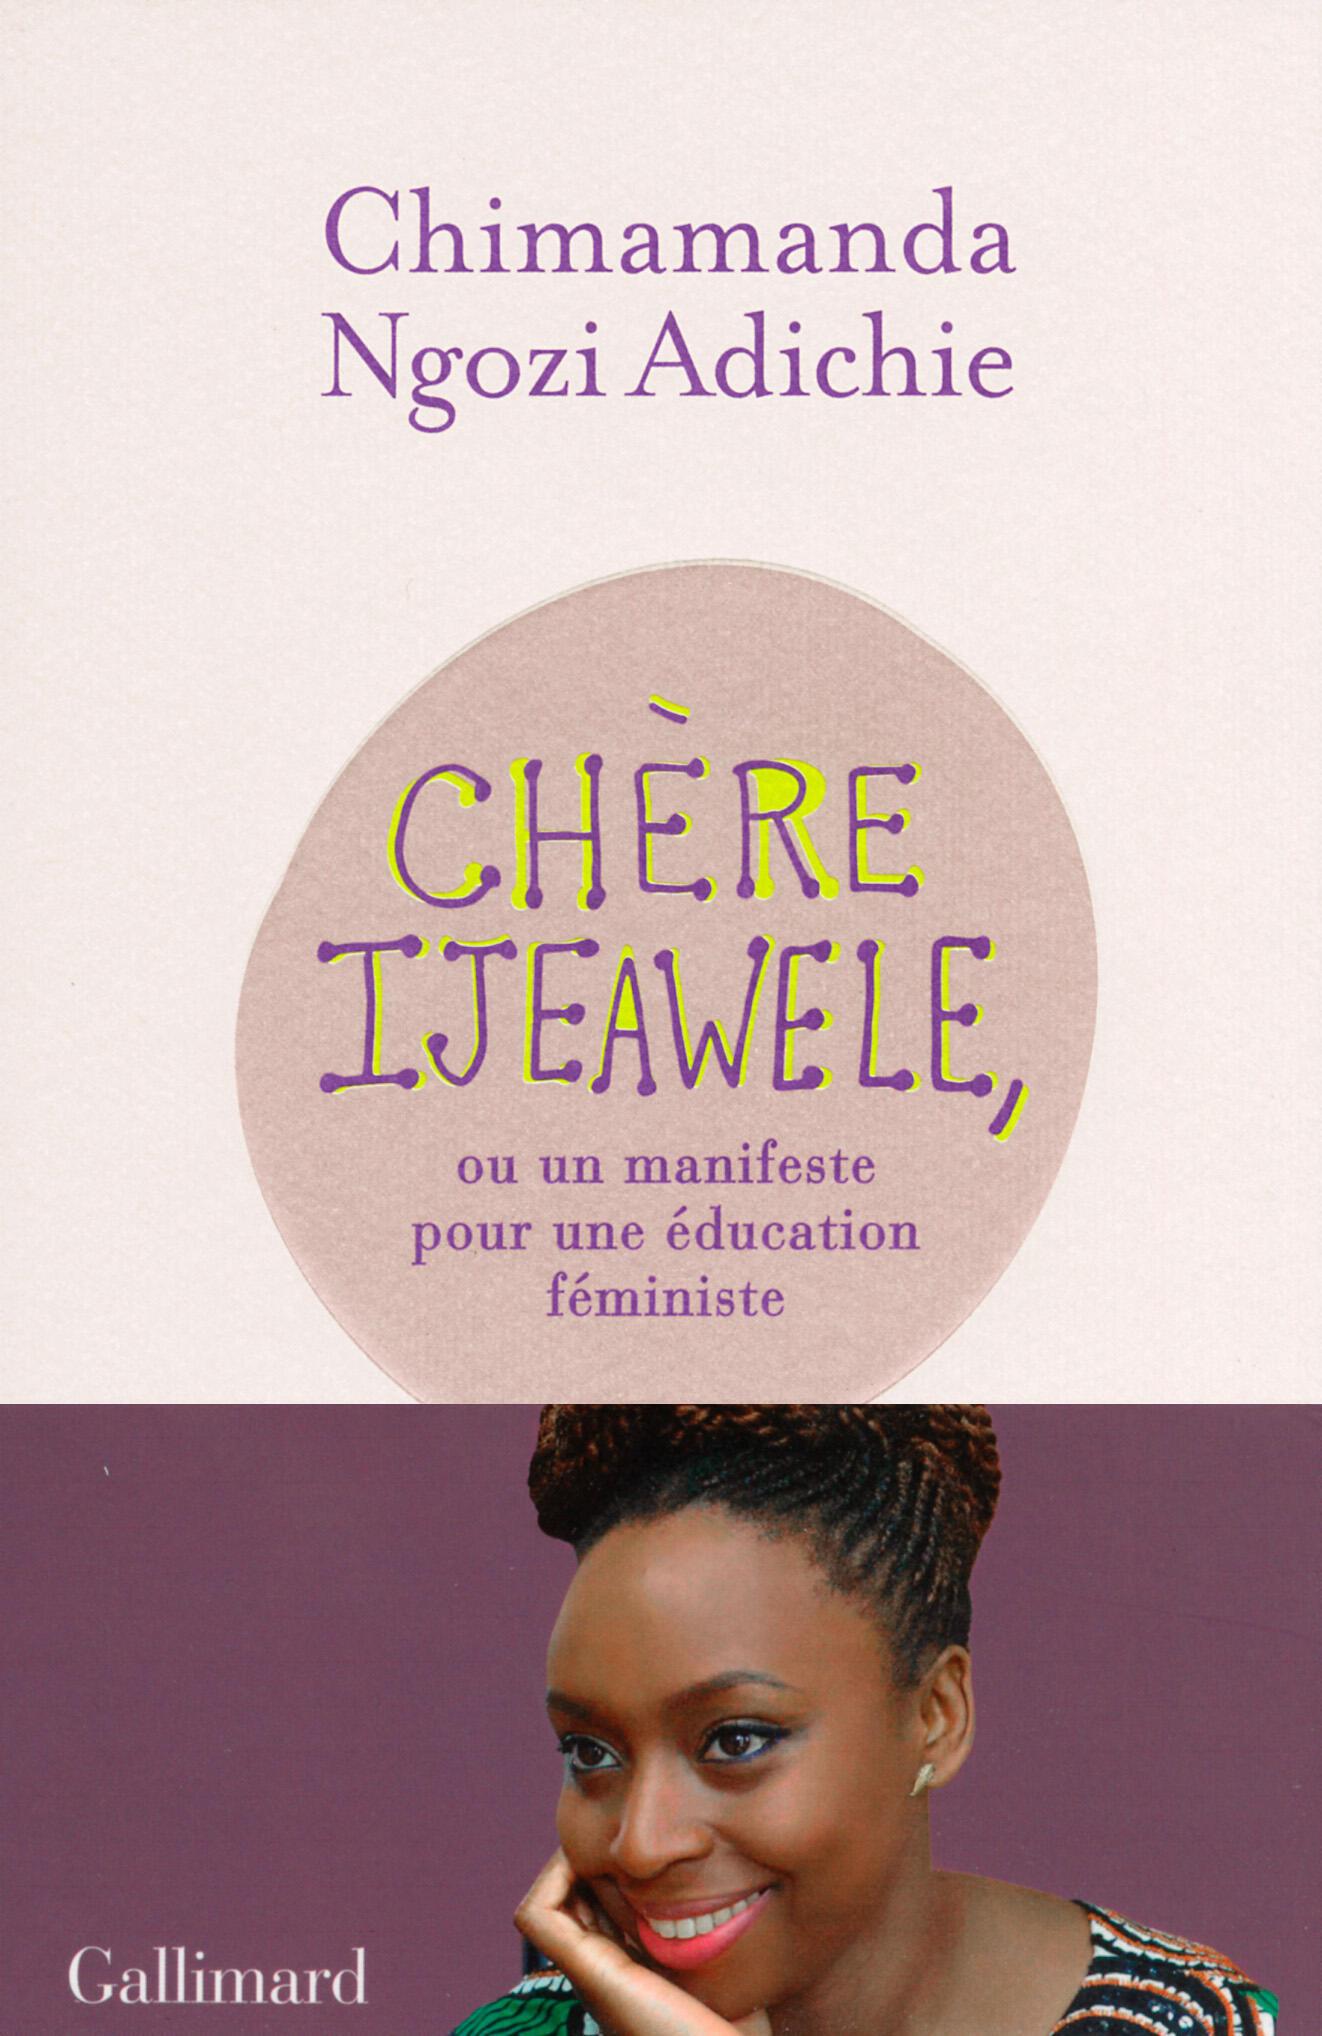 Couverture de Chère Ijeawele, ou un manifeste pour une éducation féministe, de Chimamanda Ngozi Adichie.